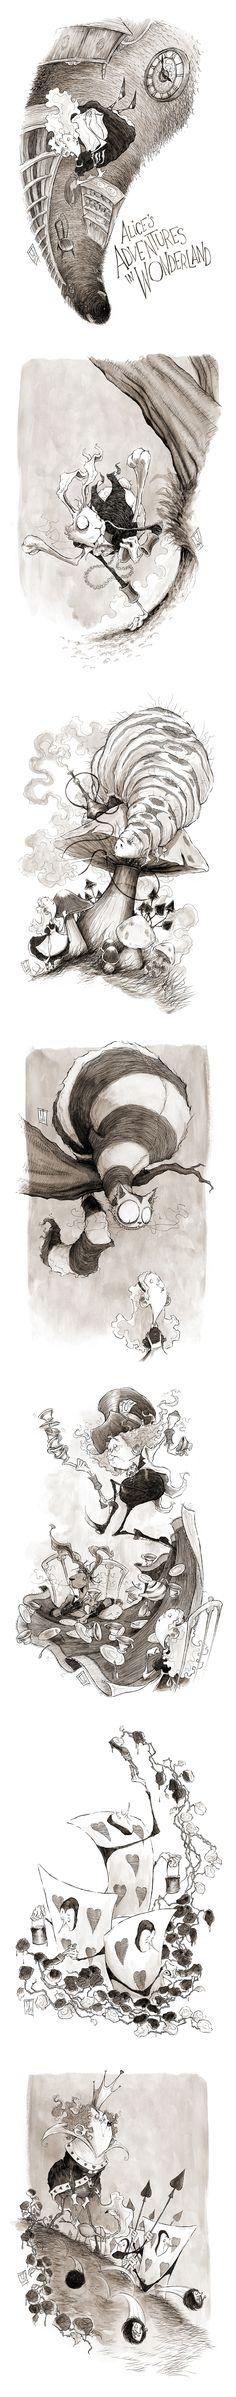 Alice's Adventures in Wonderland by TeemuJuhani